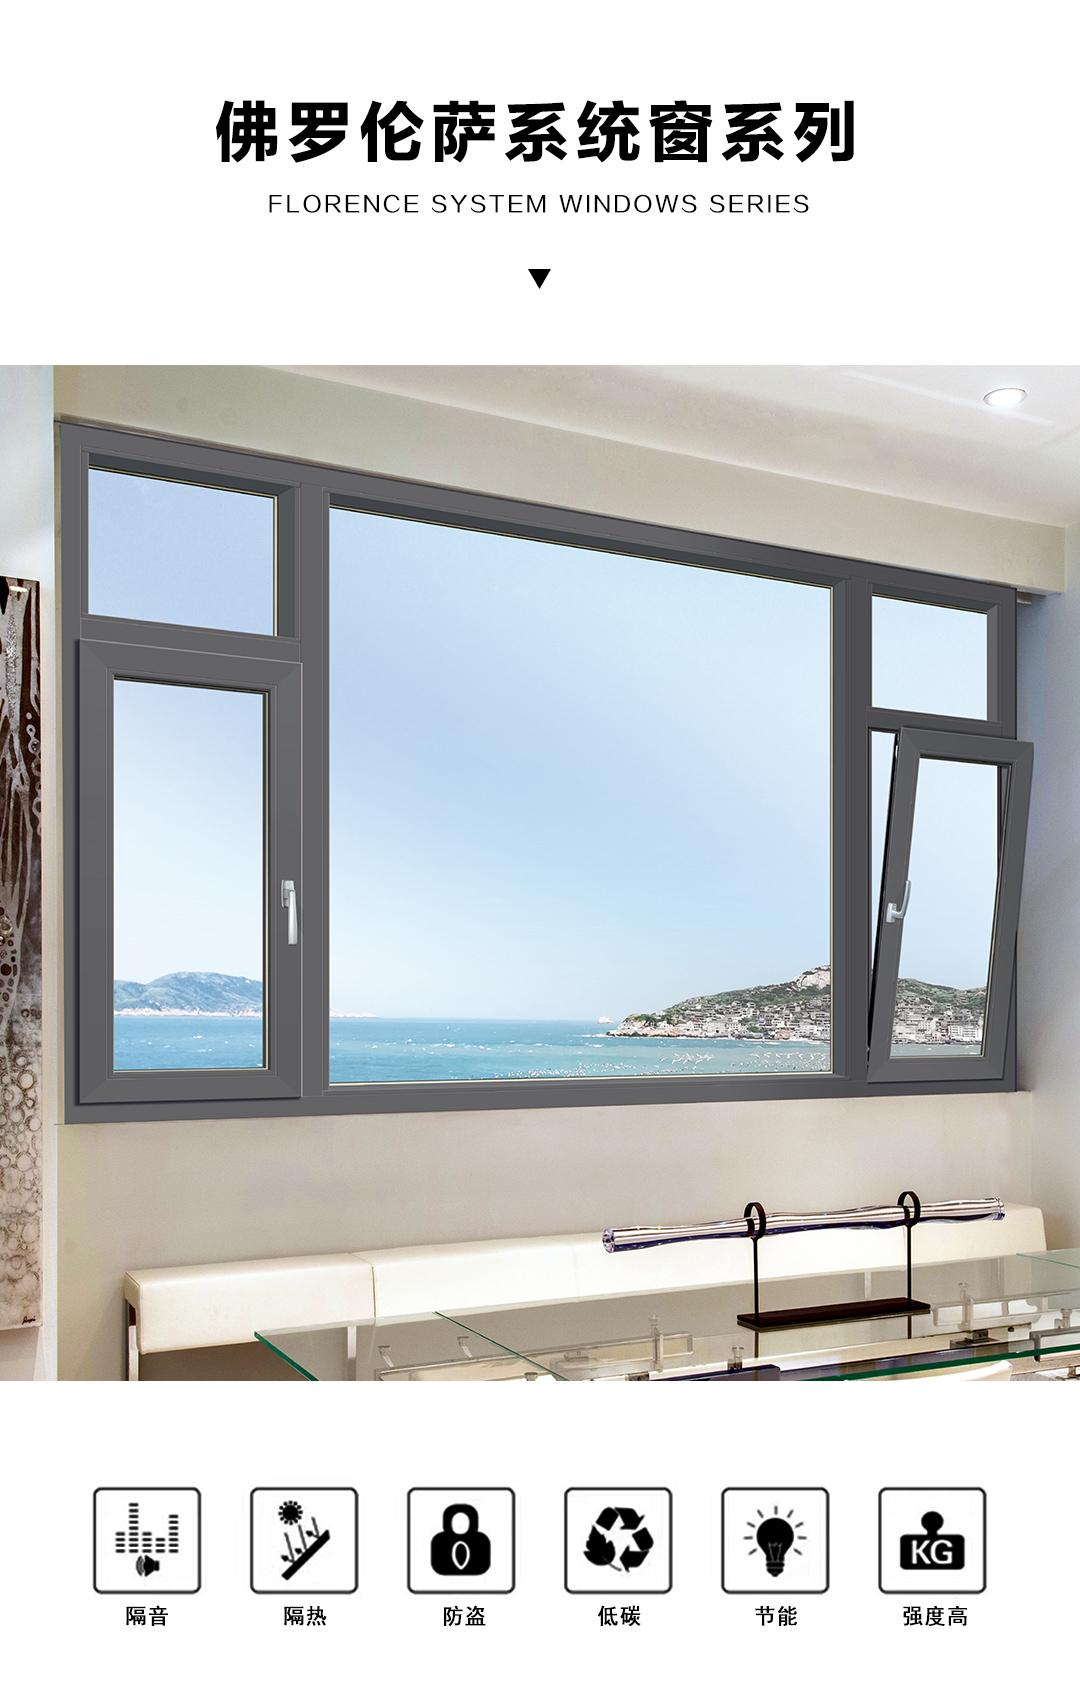 十大系统窗,系统窗,伊盾门窗